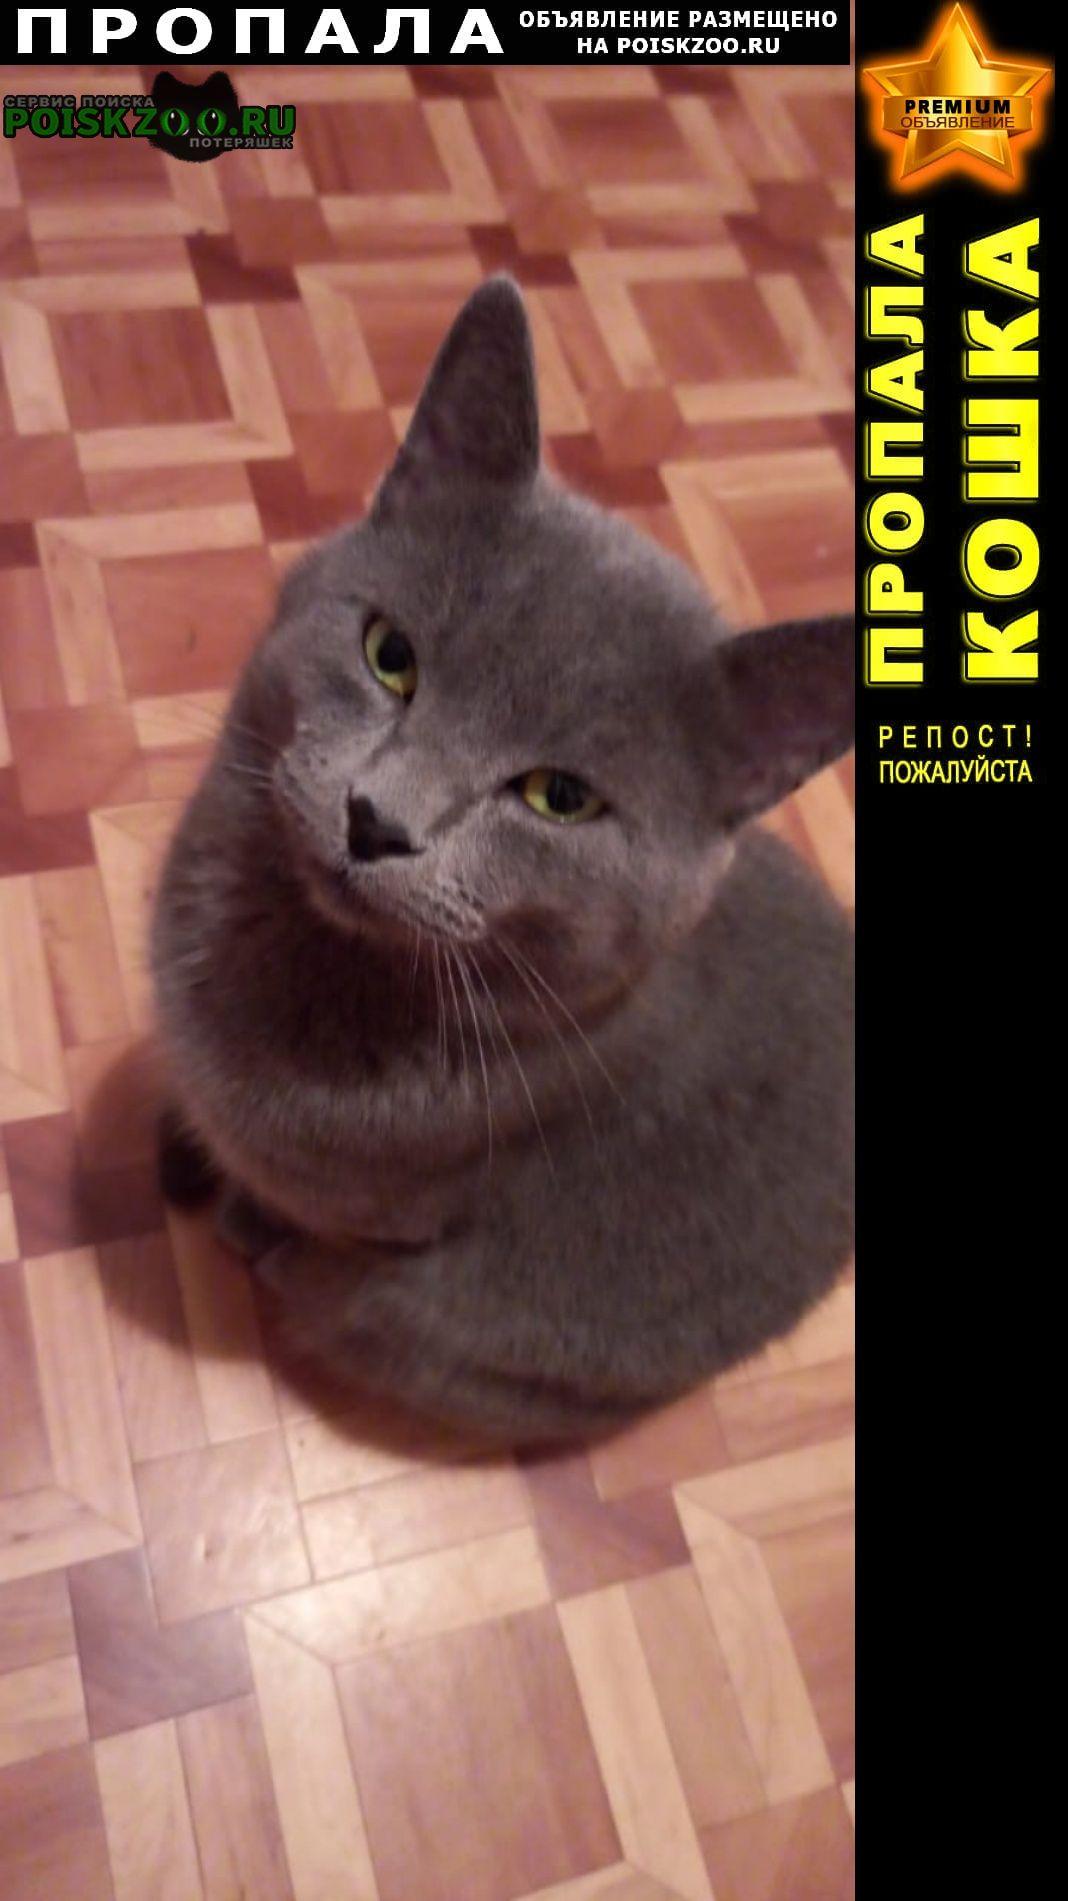 Пропал кот, зовут стёпа, 2 года, 13 мая. Сочи